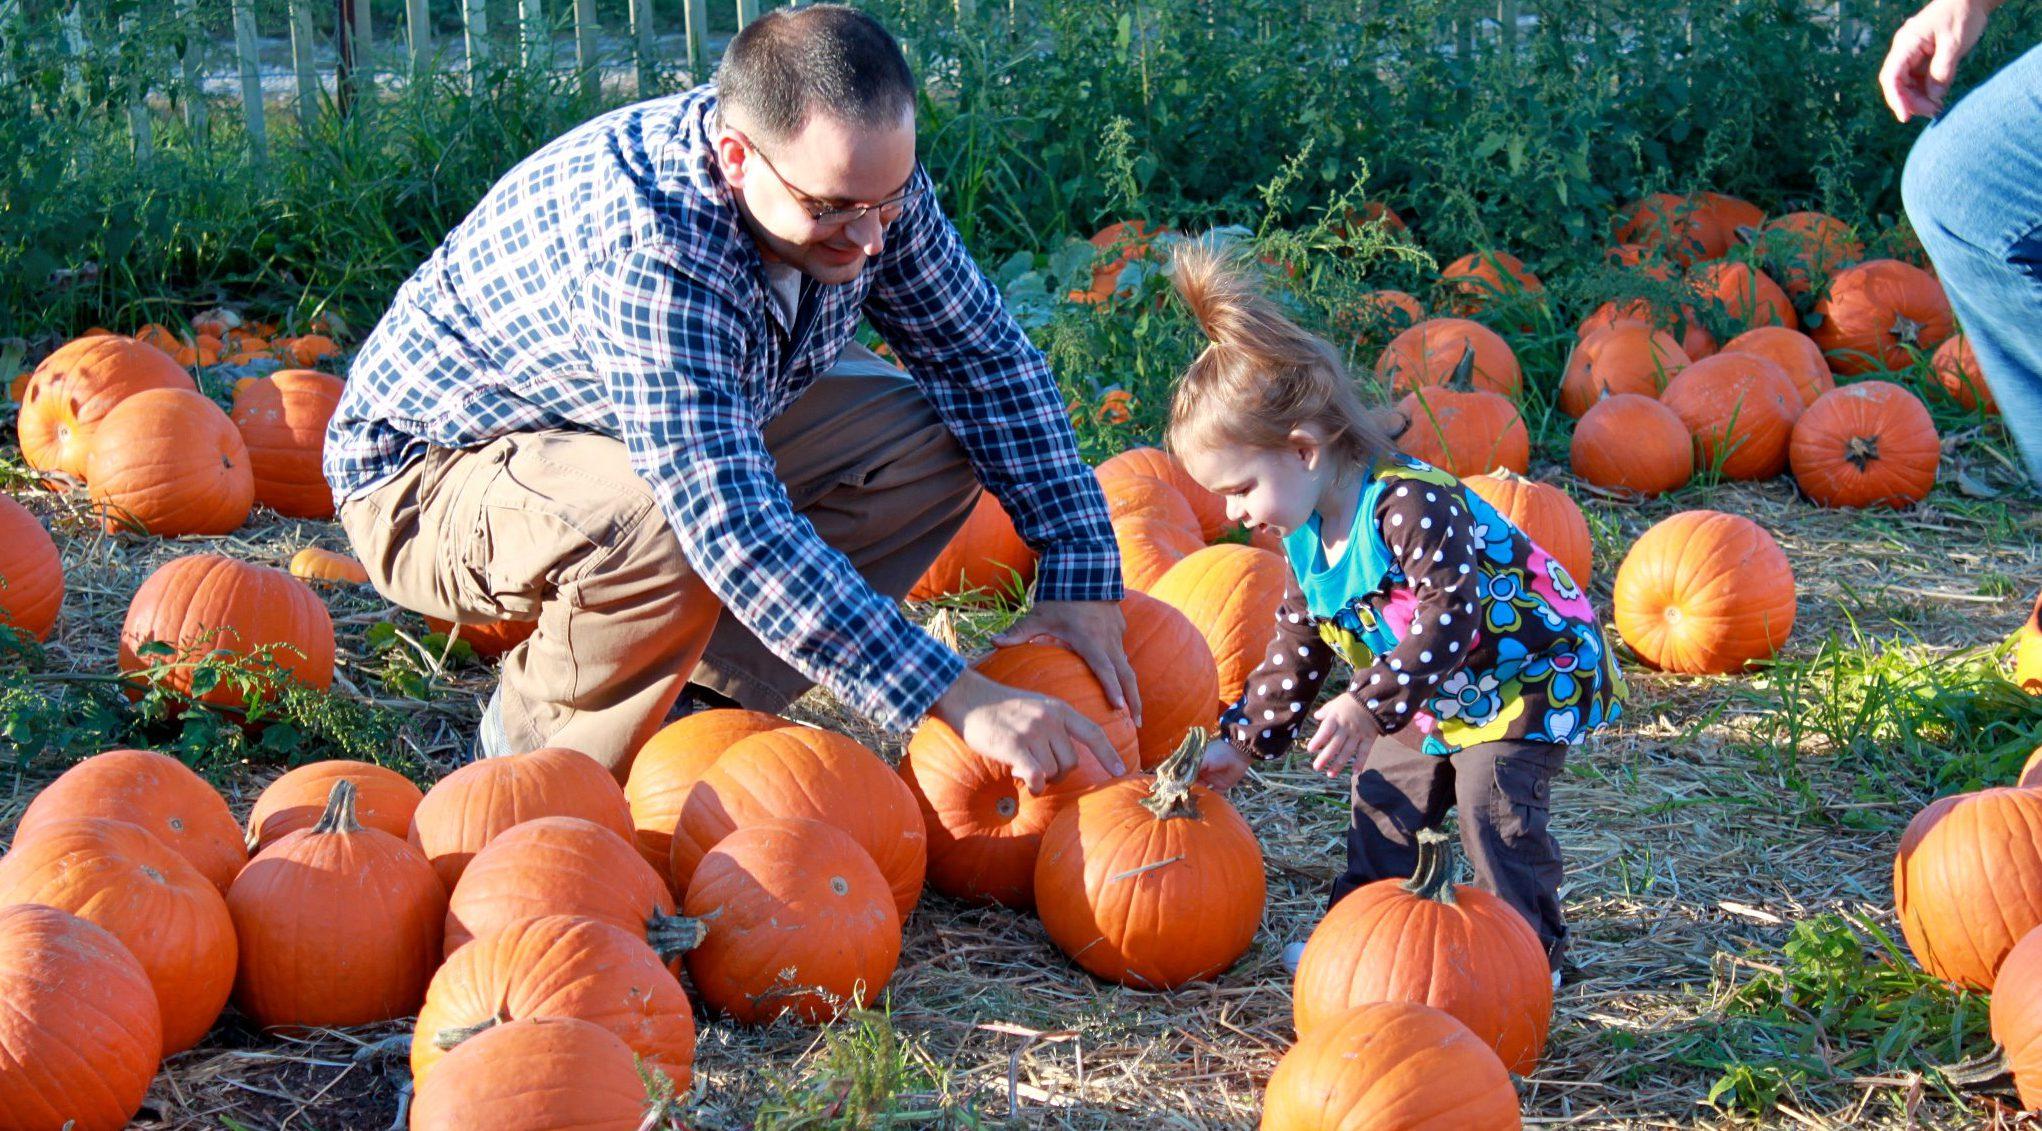 Gourd clipart pumpkin picking Pumpkin Patches Pumpkin Connecticut New